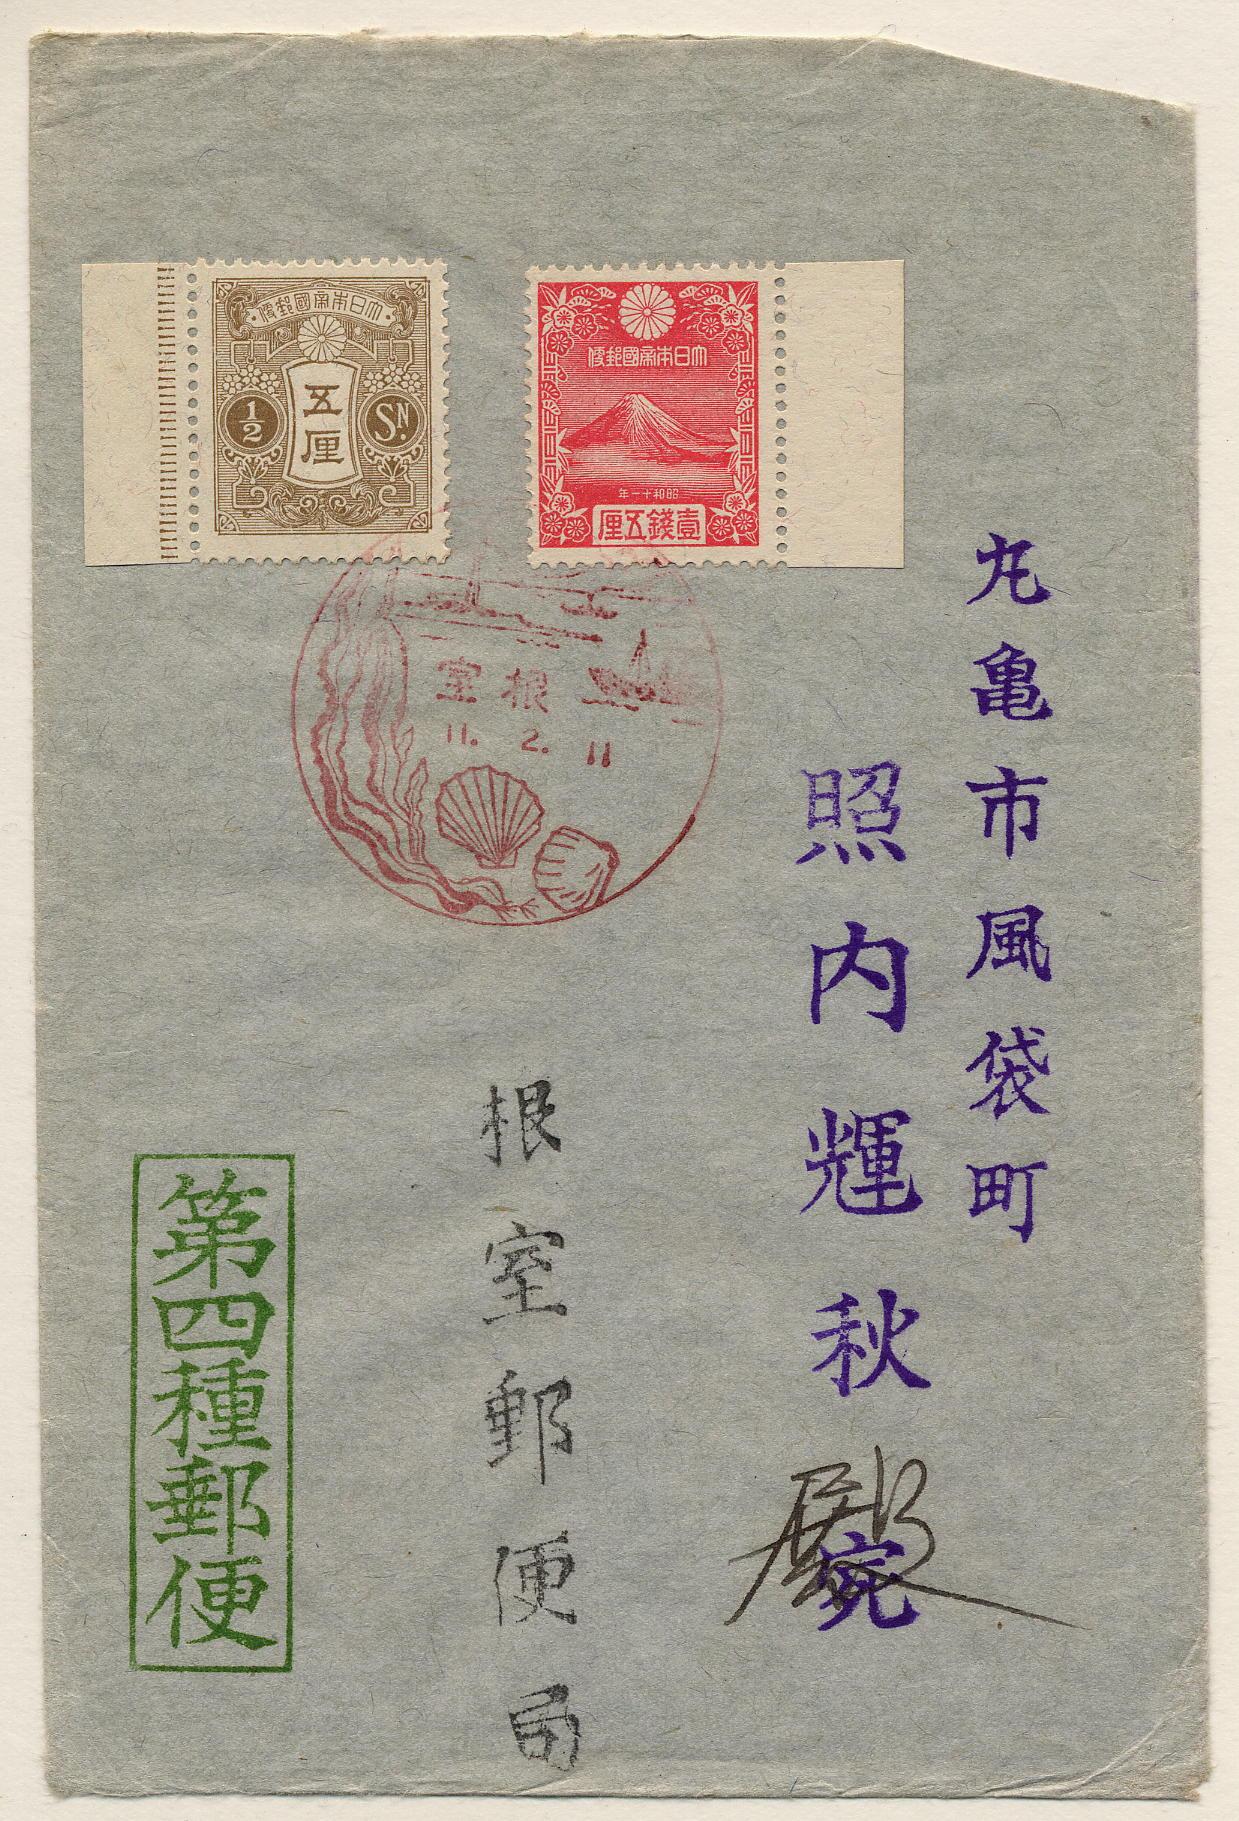 種 郵便 と は 4 第